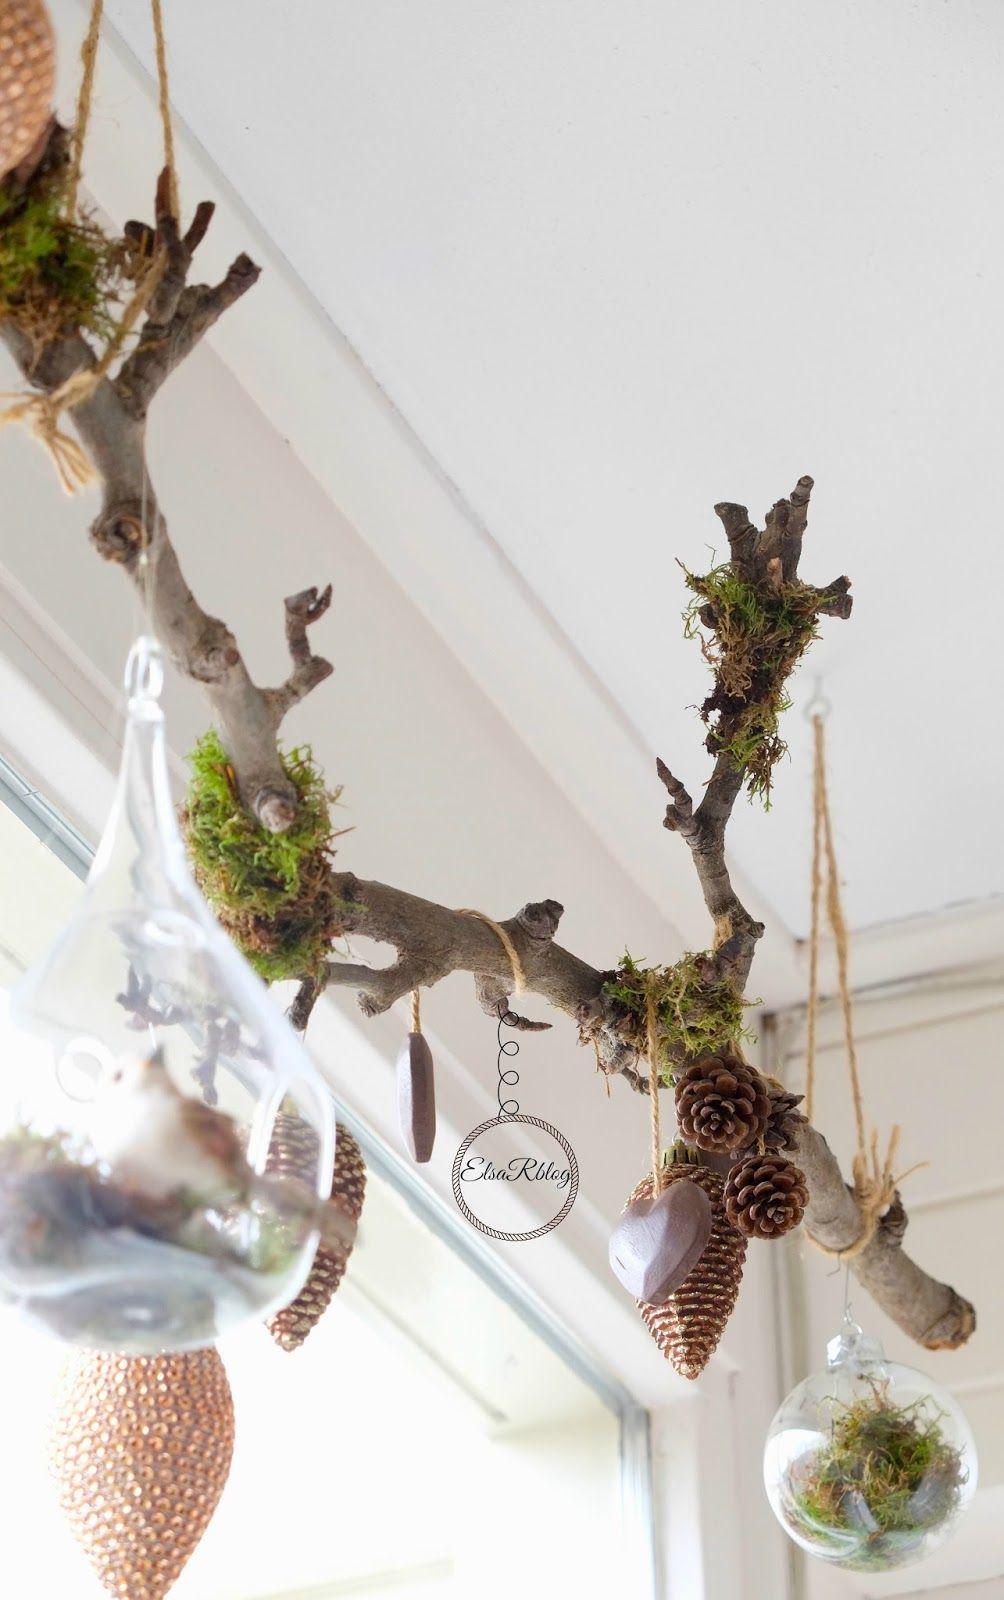 Decoratie met takjes en mos (Diy decoratie) | Frida | Pinterest ...